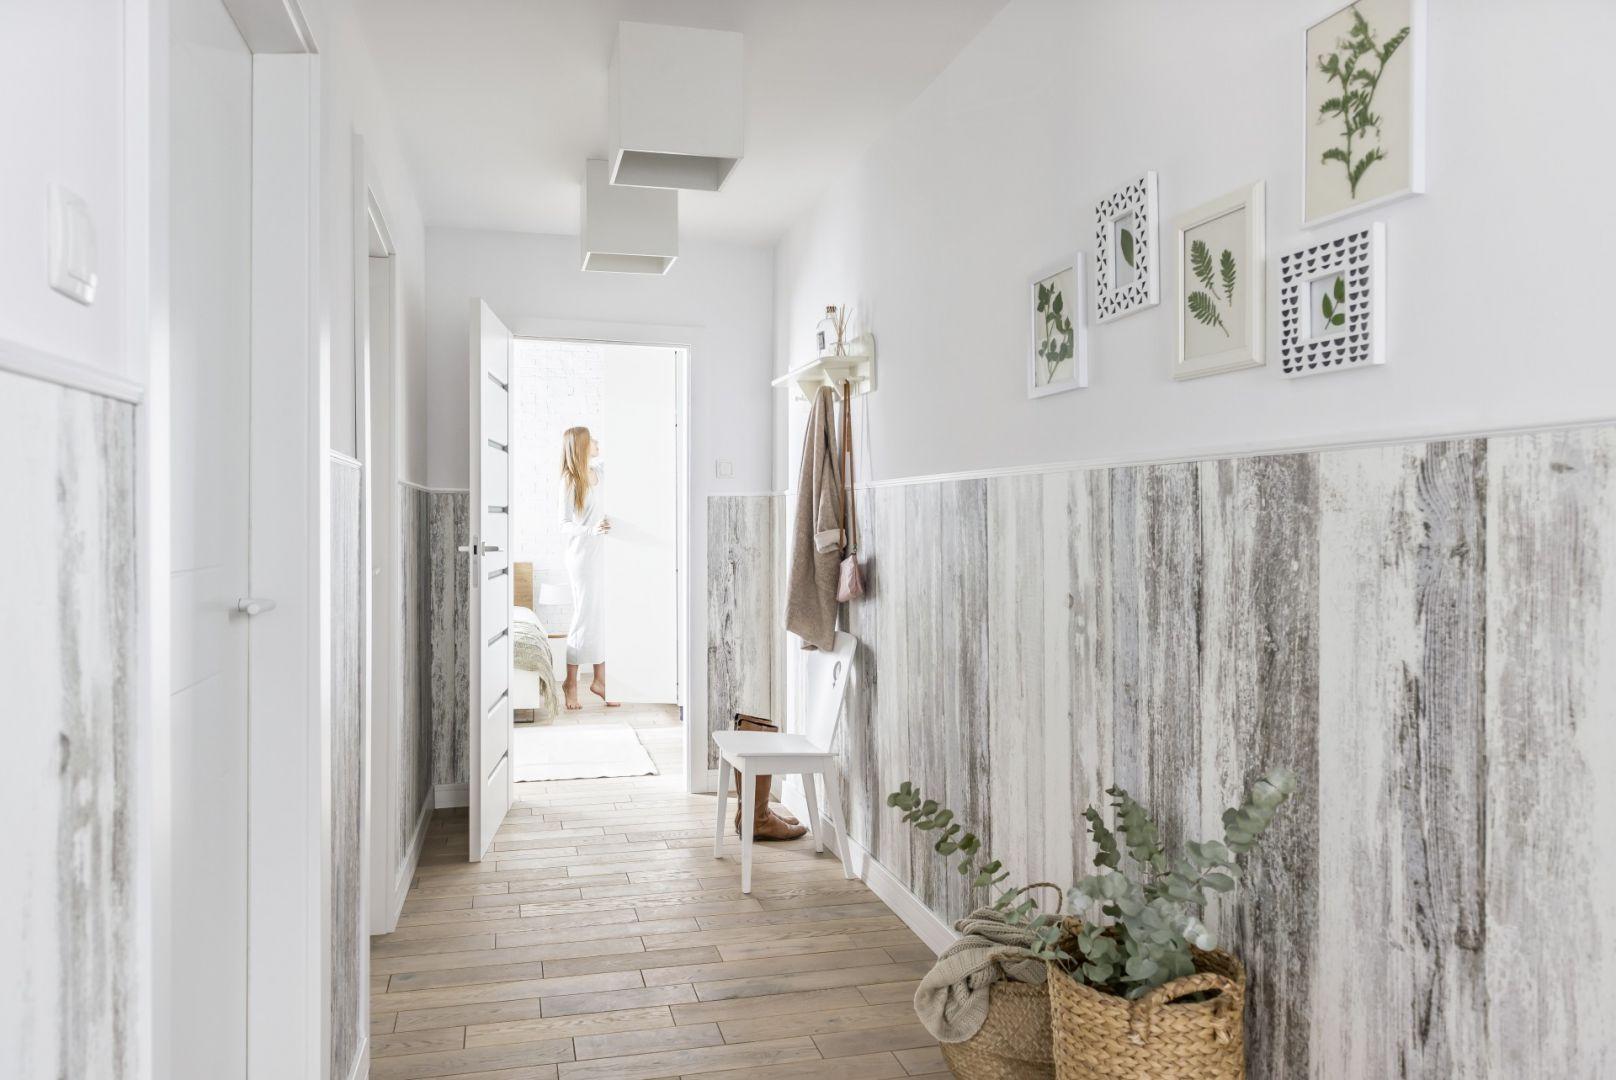 Lamperie sięgające do połowy wysokości ściany sprawią, że wnętrze wyda się optycznie wyższe. Fot. Vox